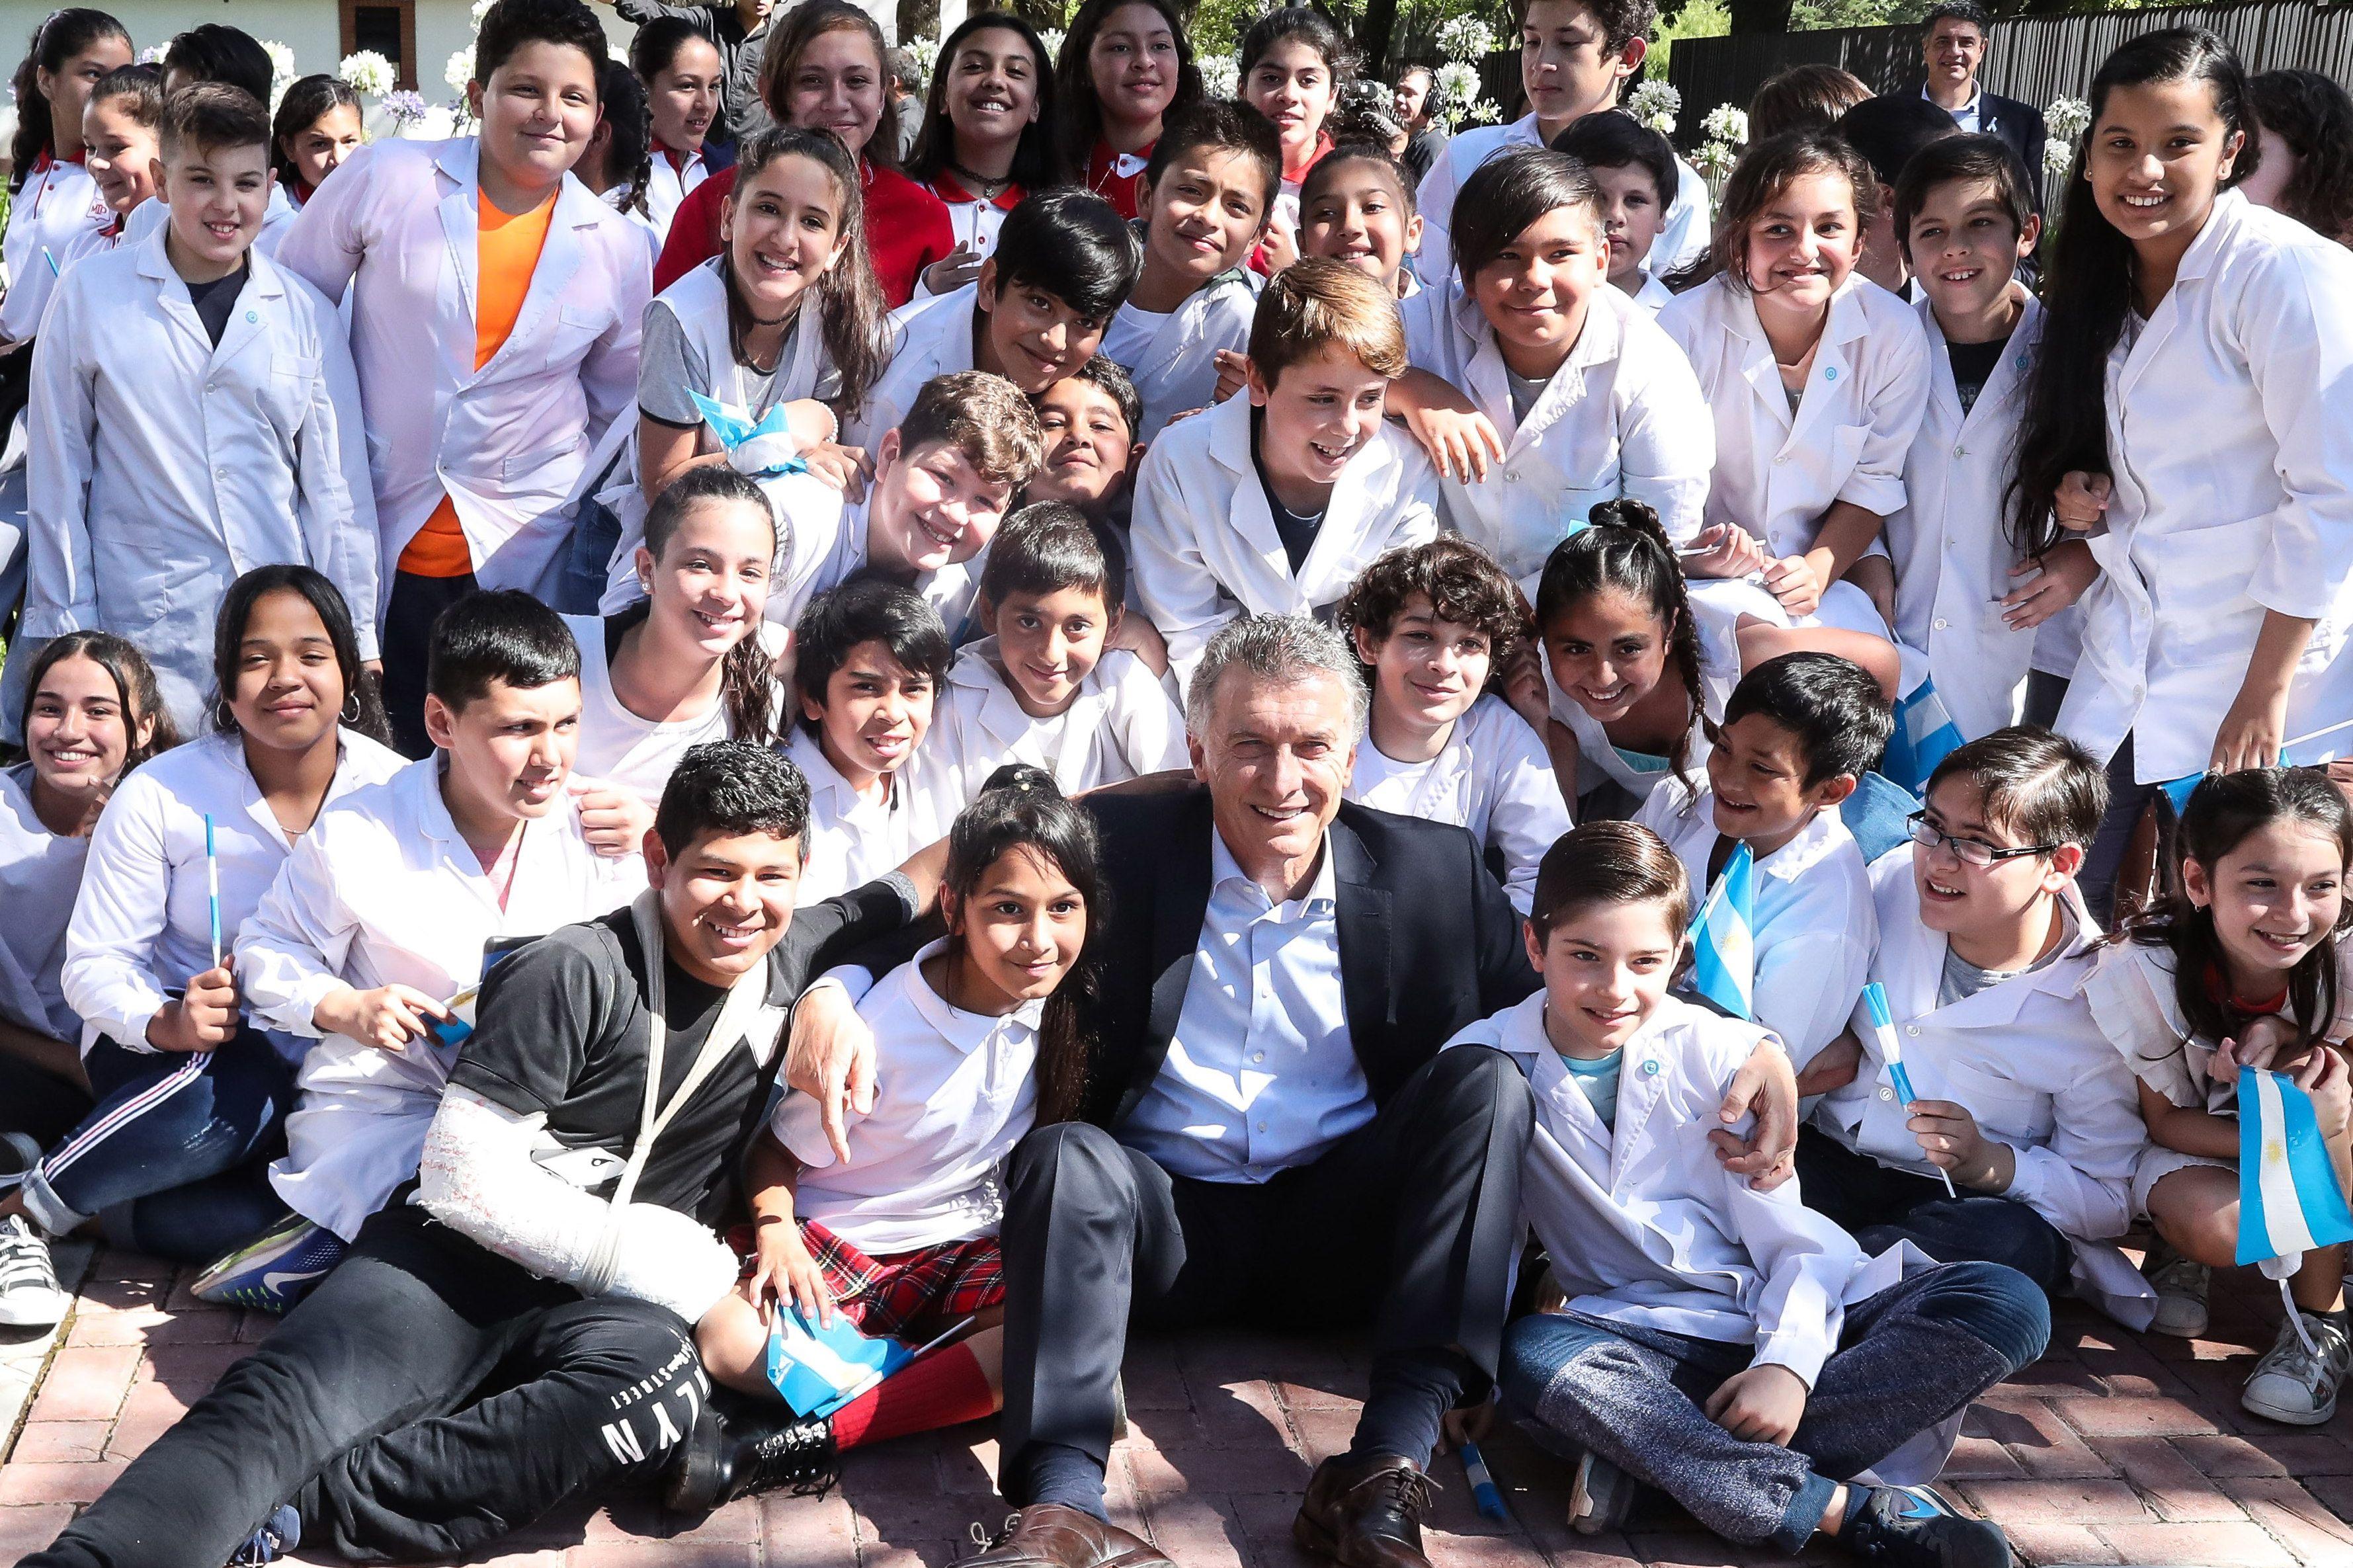 La mayoría decide: el mensaje de Macri por los 35 años de democracia